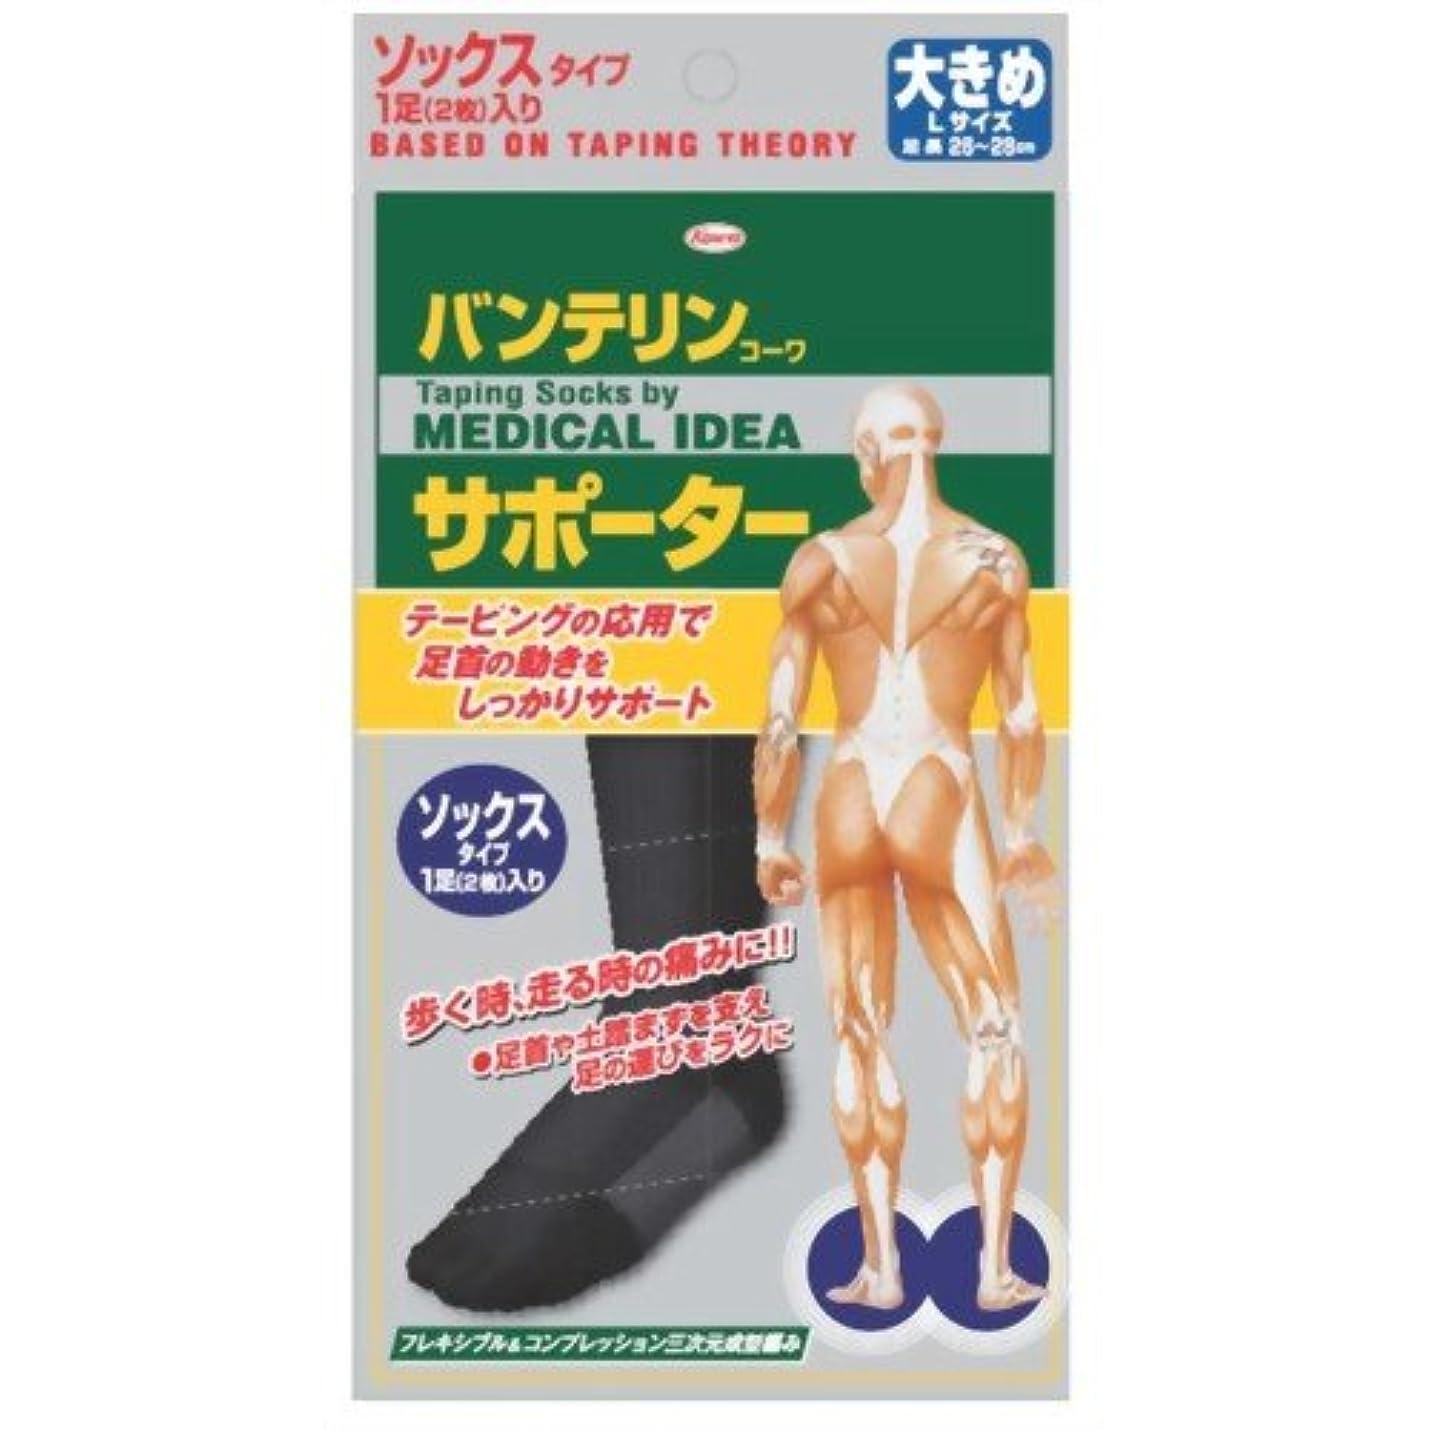 日付付き治療ムスバンテリンコーワサポーター ソックスタイプ ブラック 大きめ(26~28cm) 1足(2枚入)